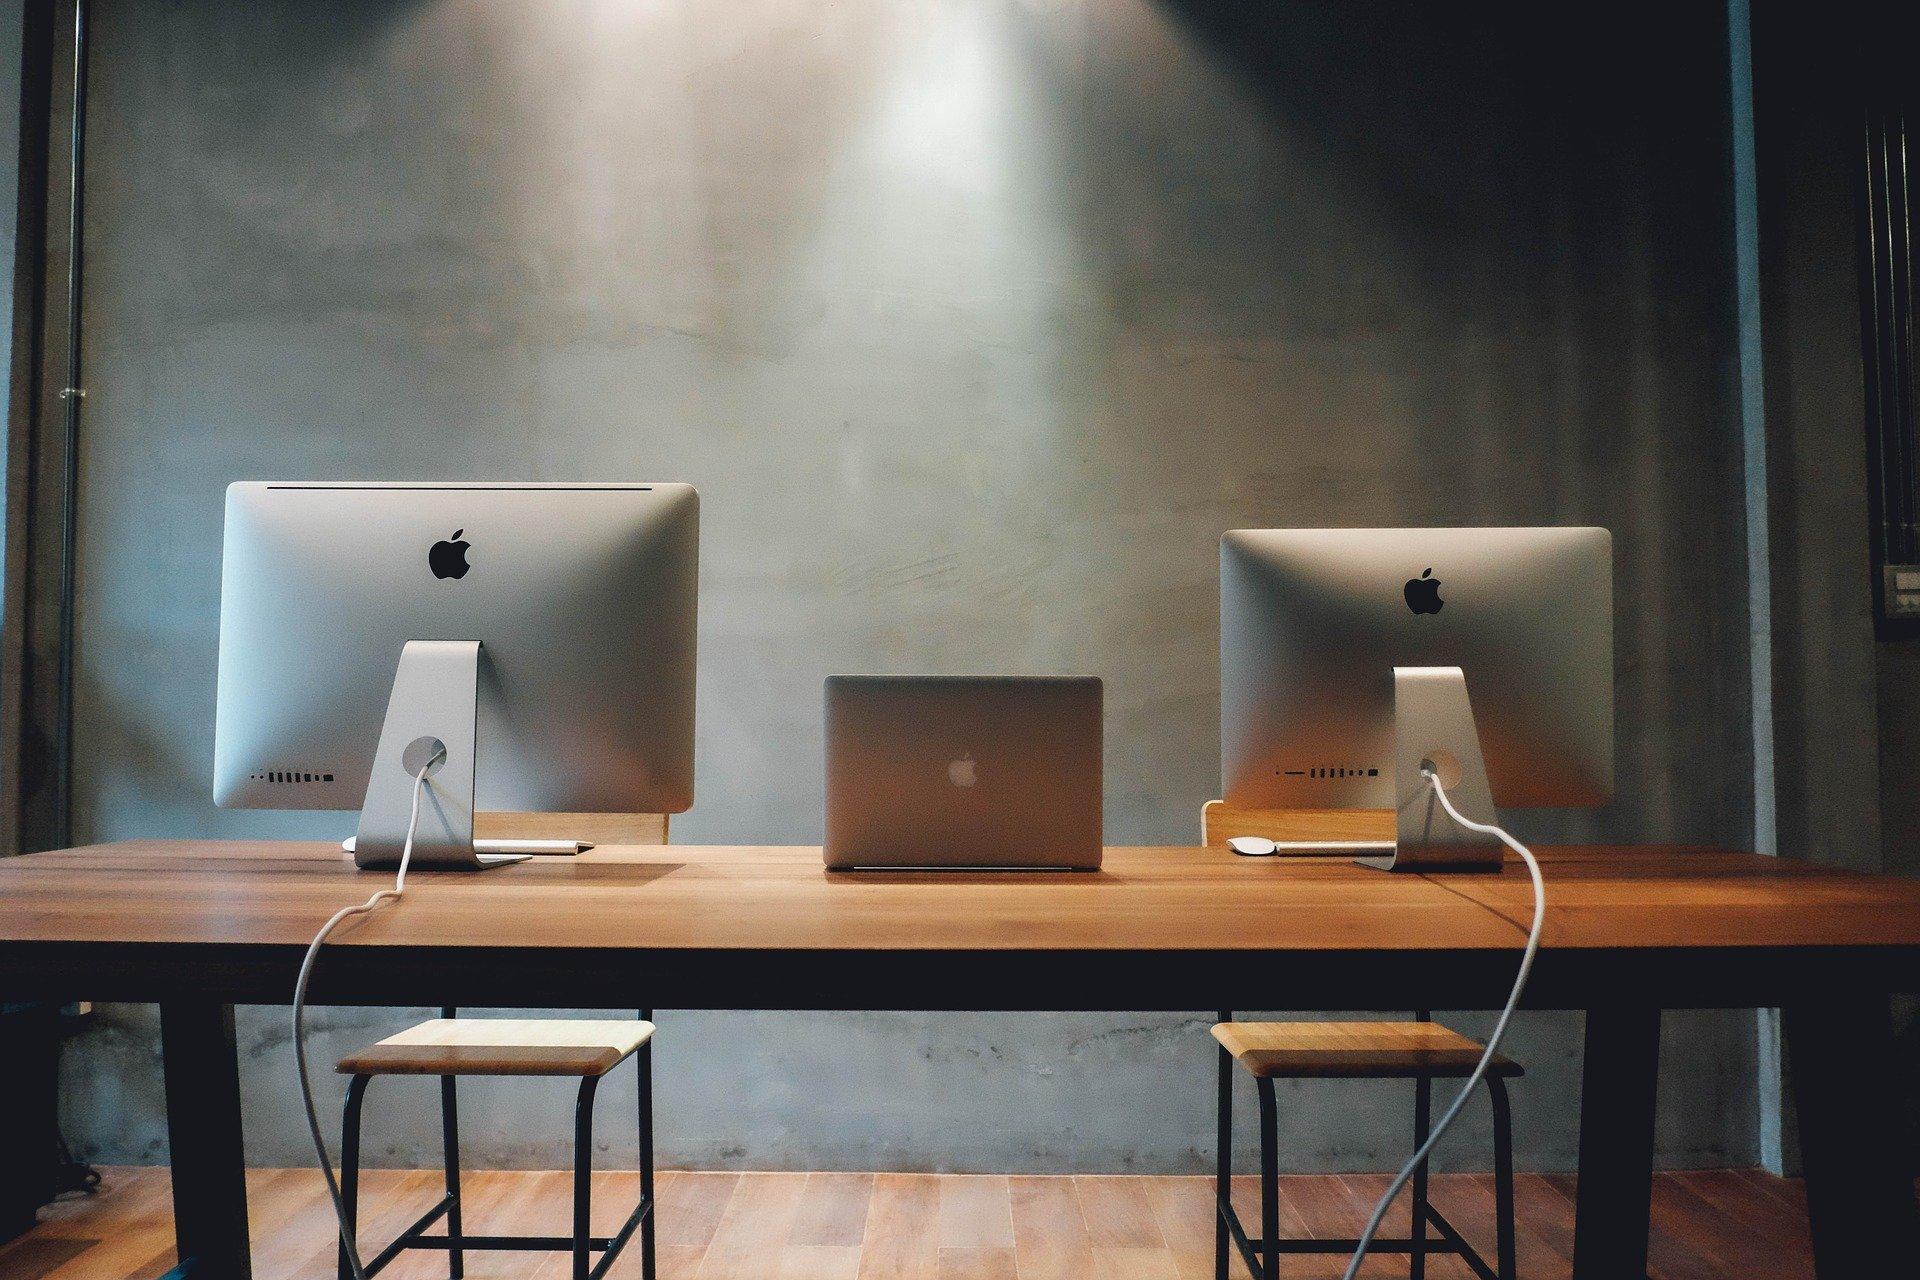 workspace-820315_1920